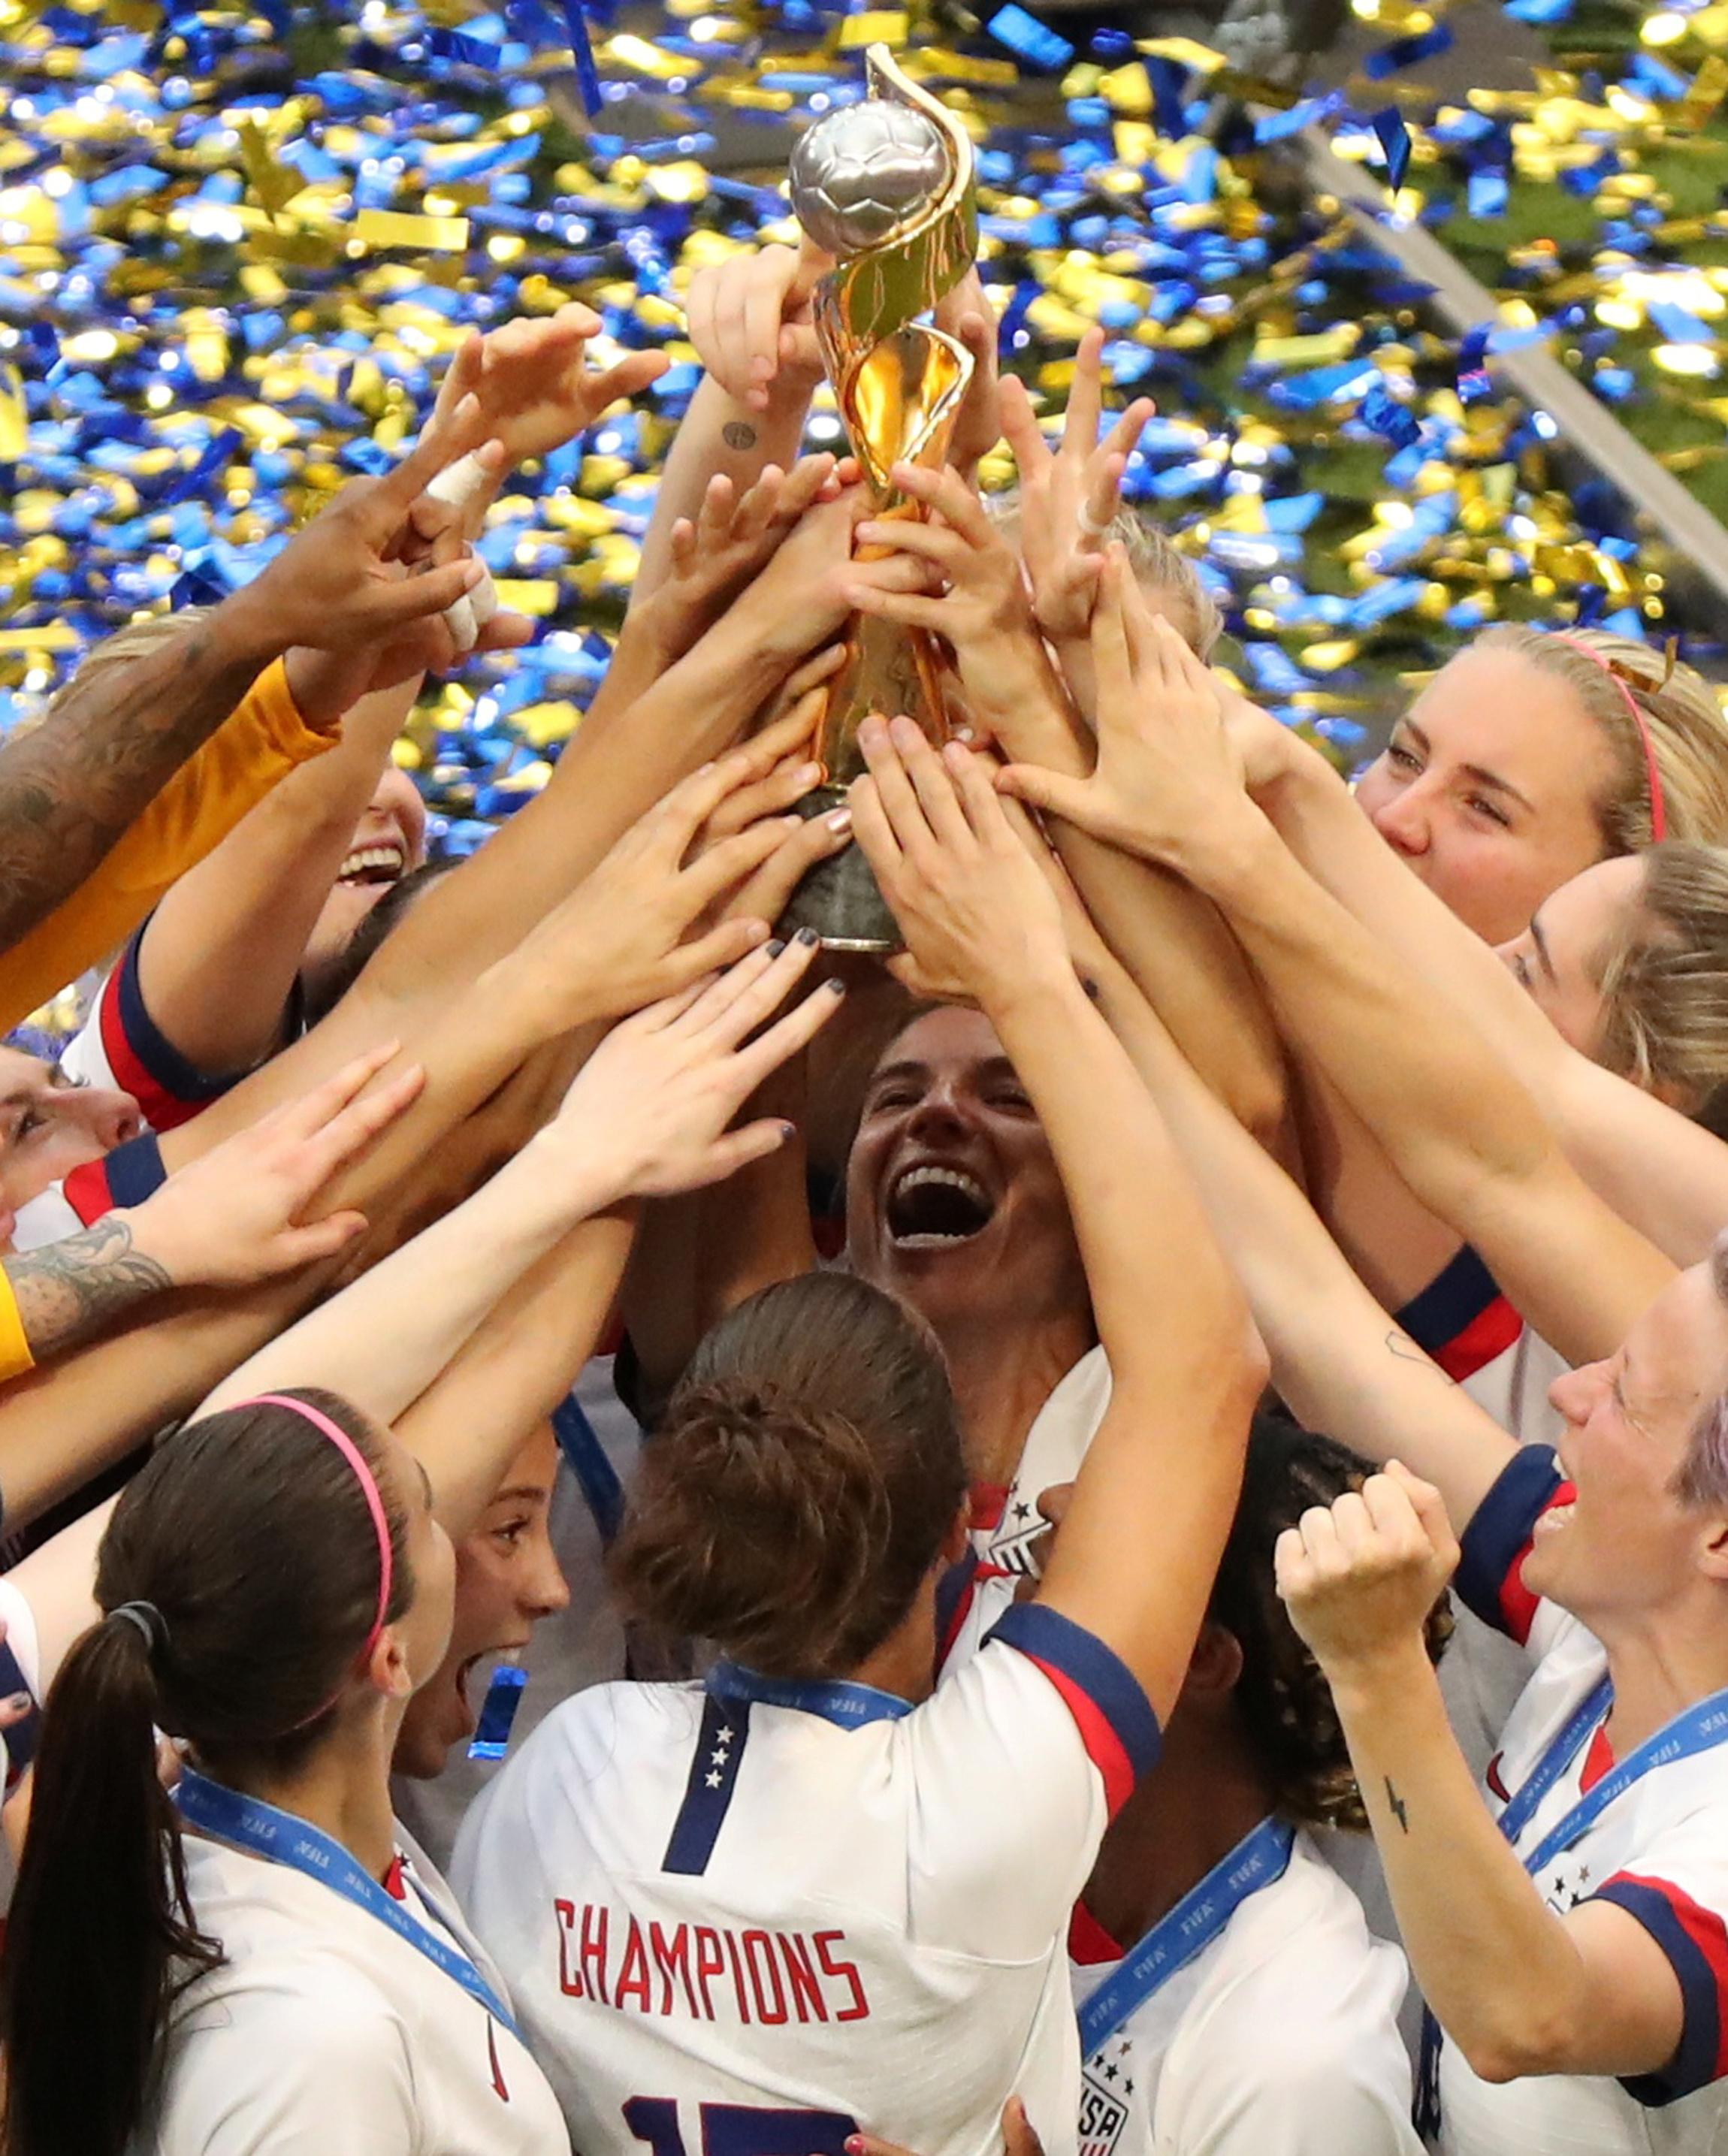 Rapinoe et Lavelle remportent leur quatrième titre en Coupe du monde aux États-Unis